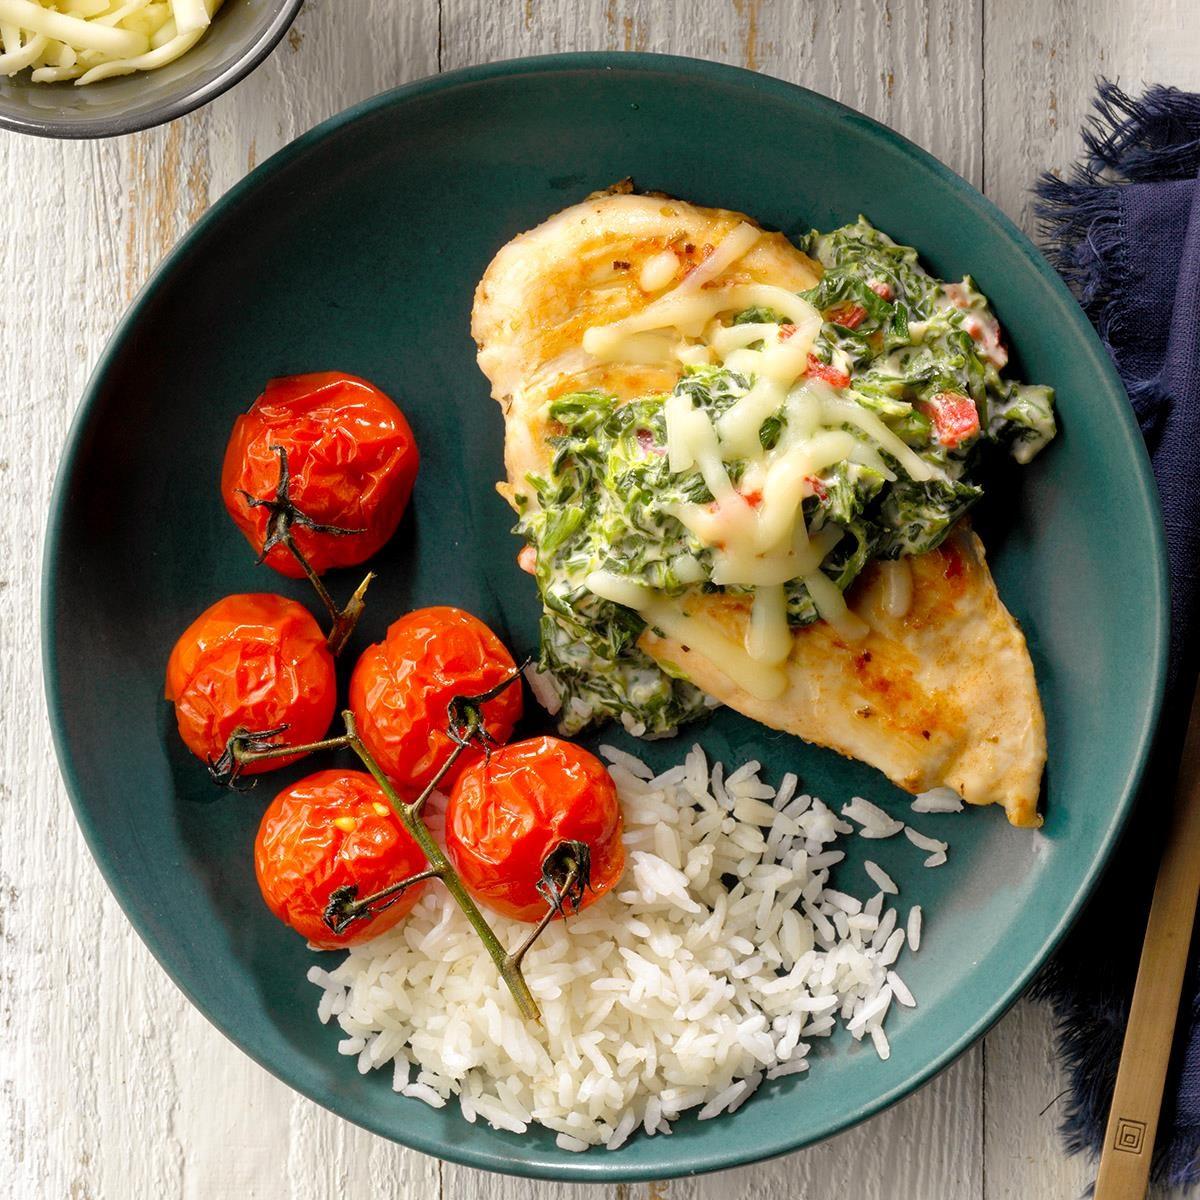 Monday: Chicken with Florentine Sauce